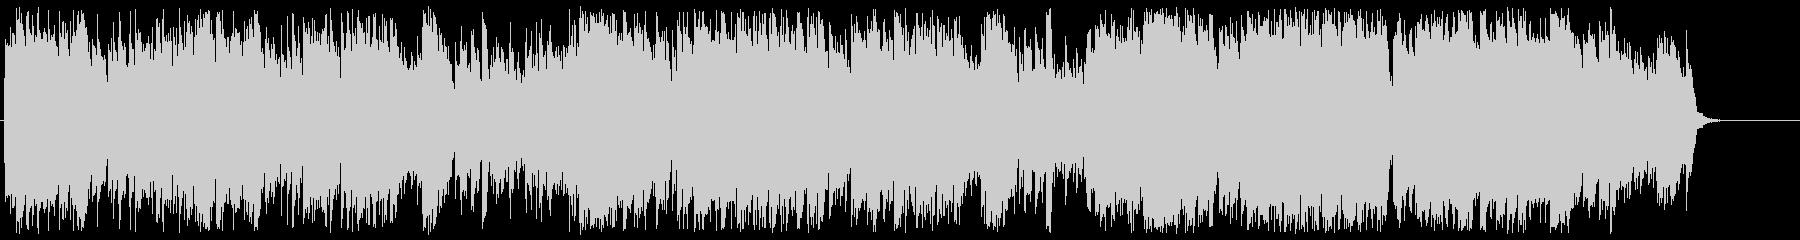 バロック調シンセポップの未再生の波形